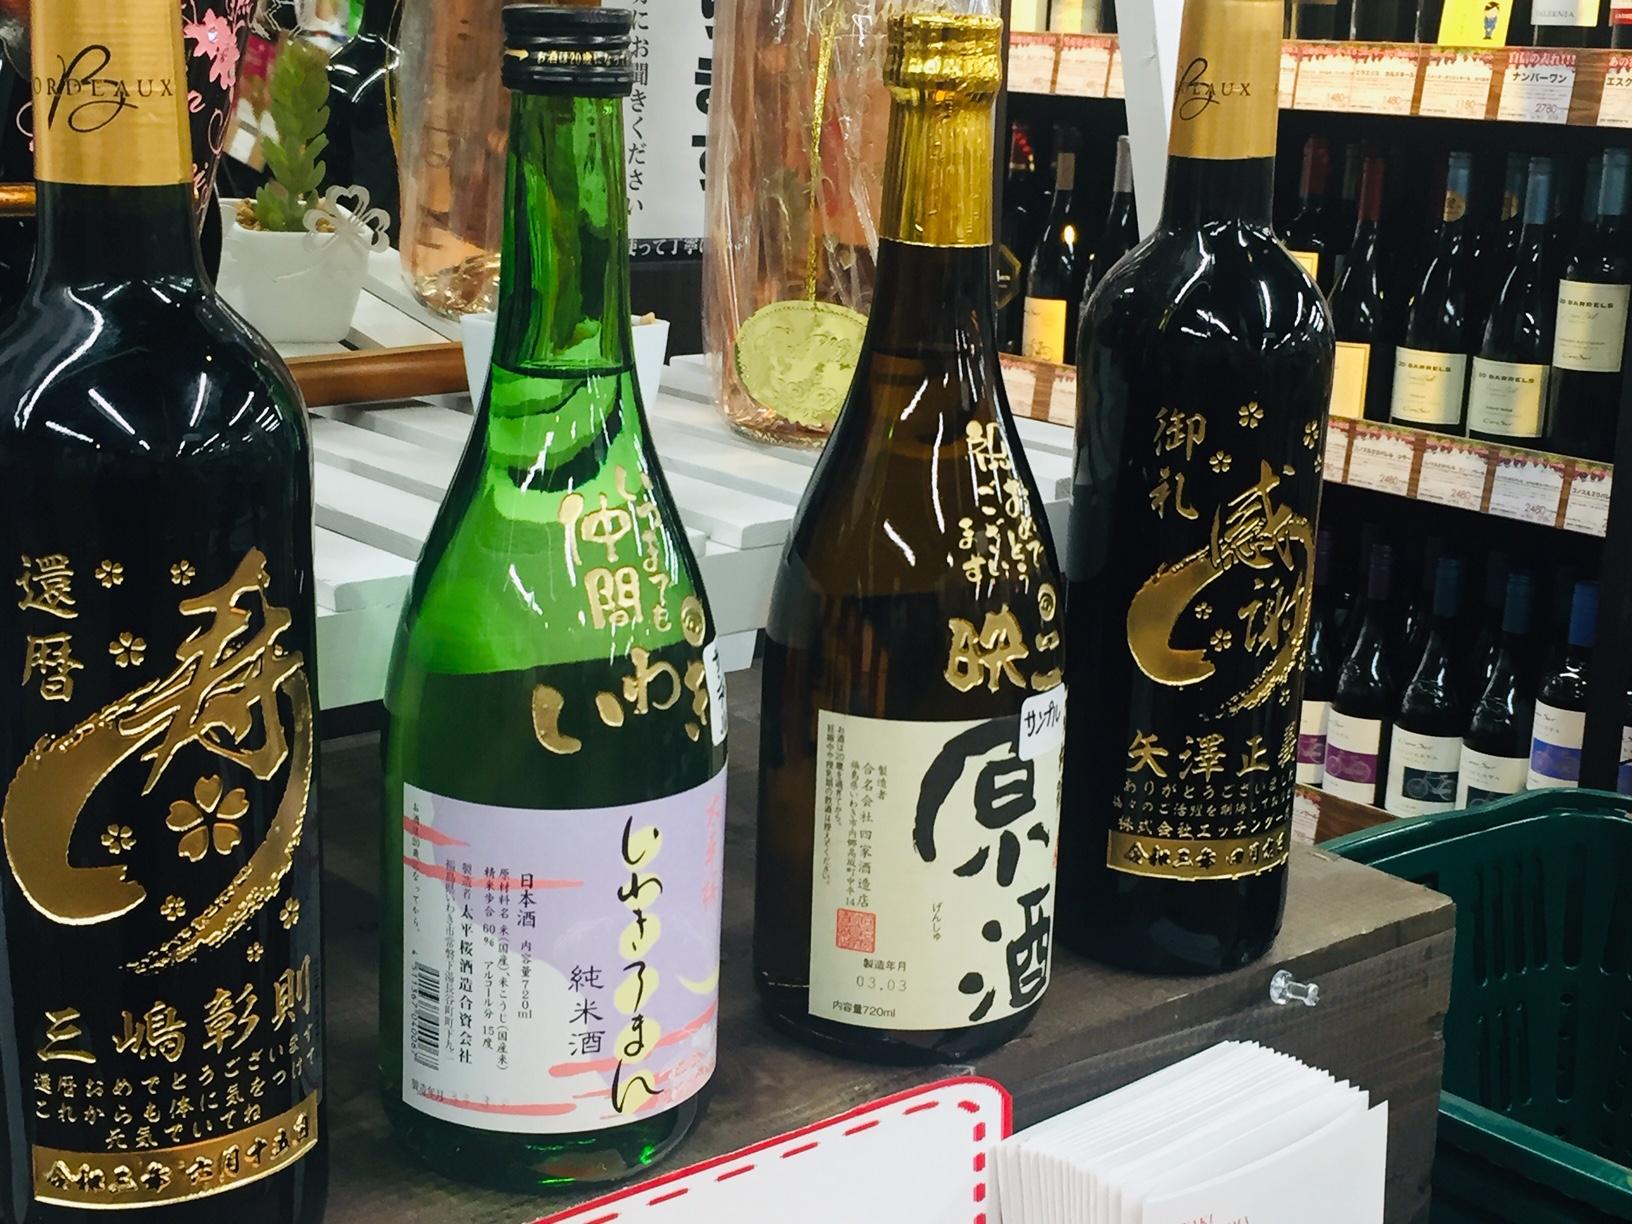 福島県の酒!8年連続日本一に輝きました!